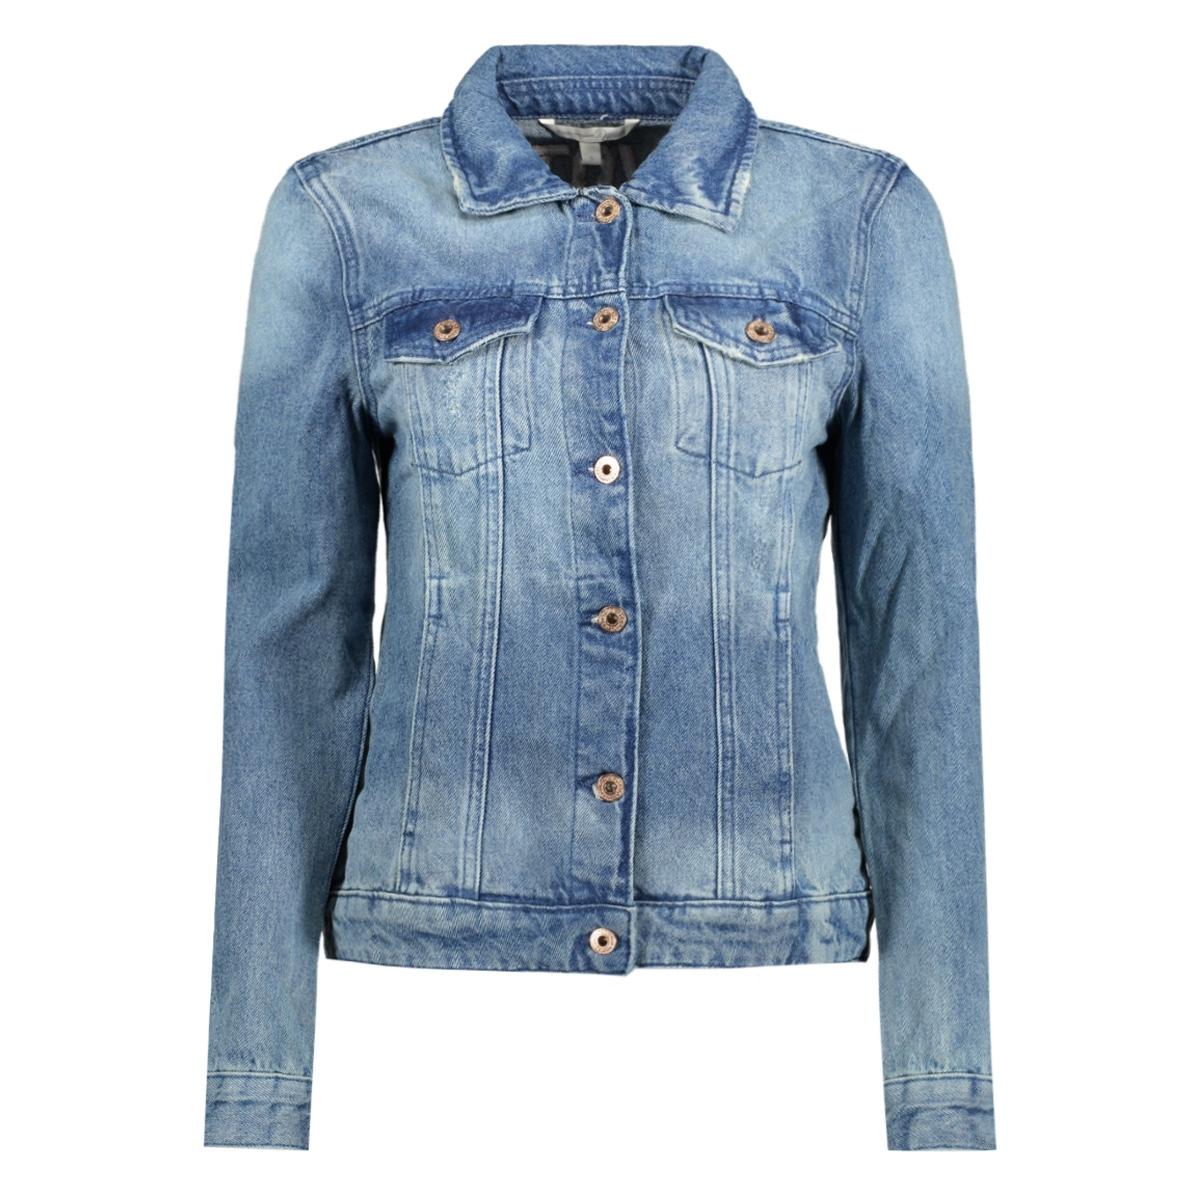 3555069.00.71 tom tailor jas 1051